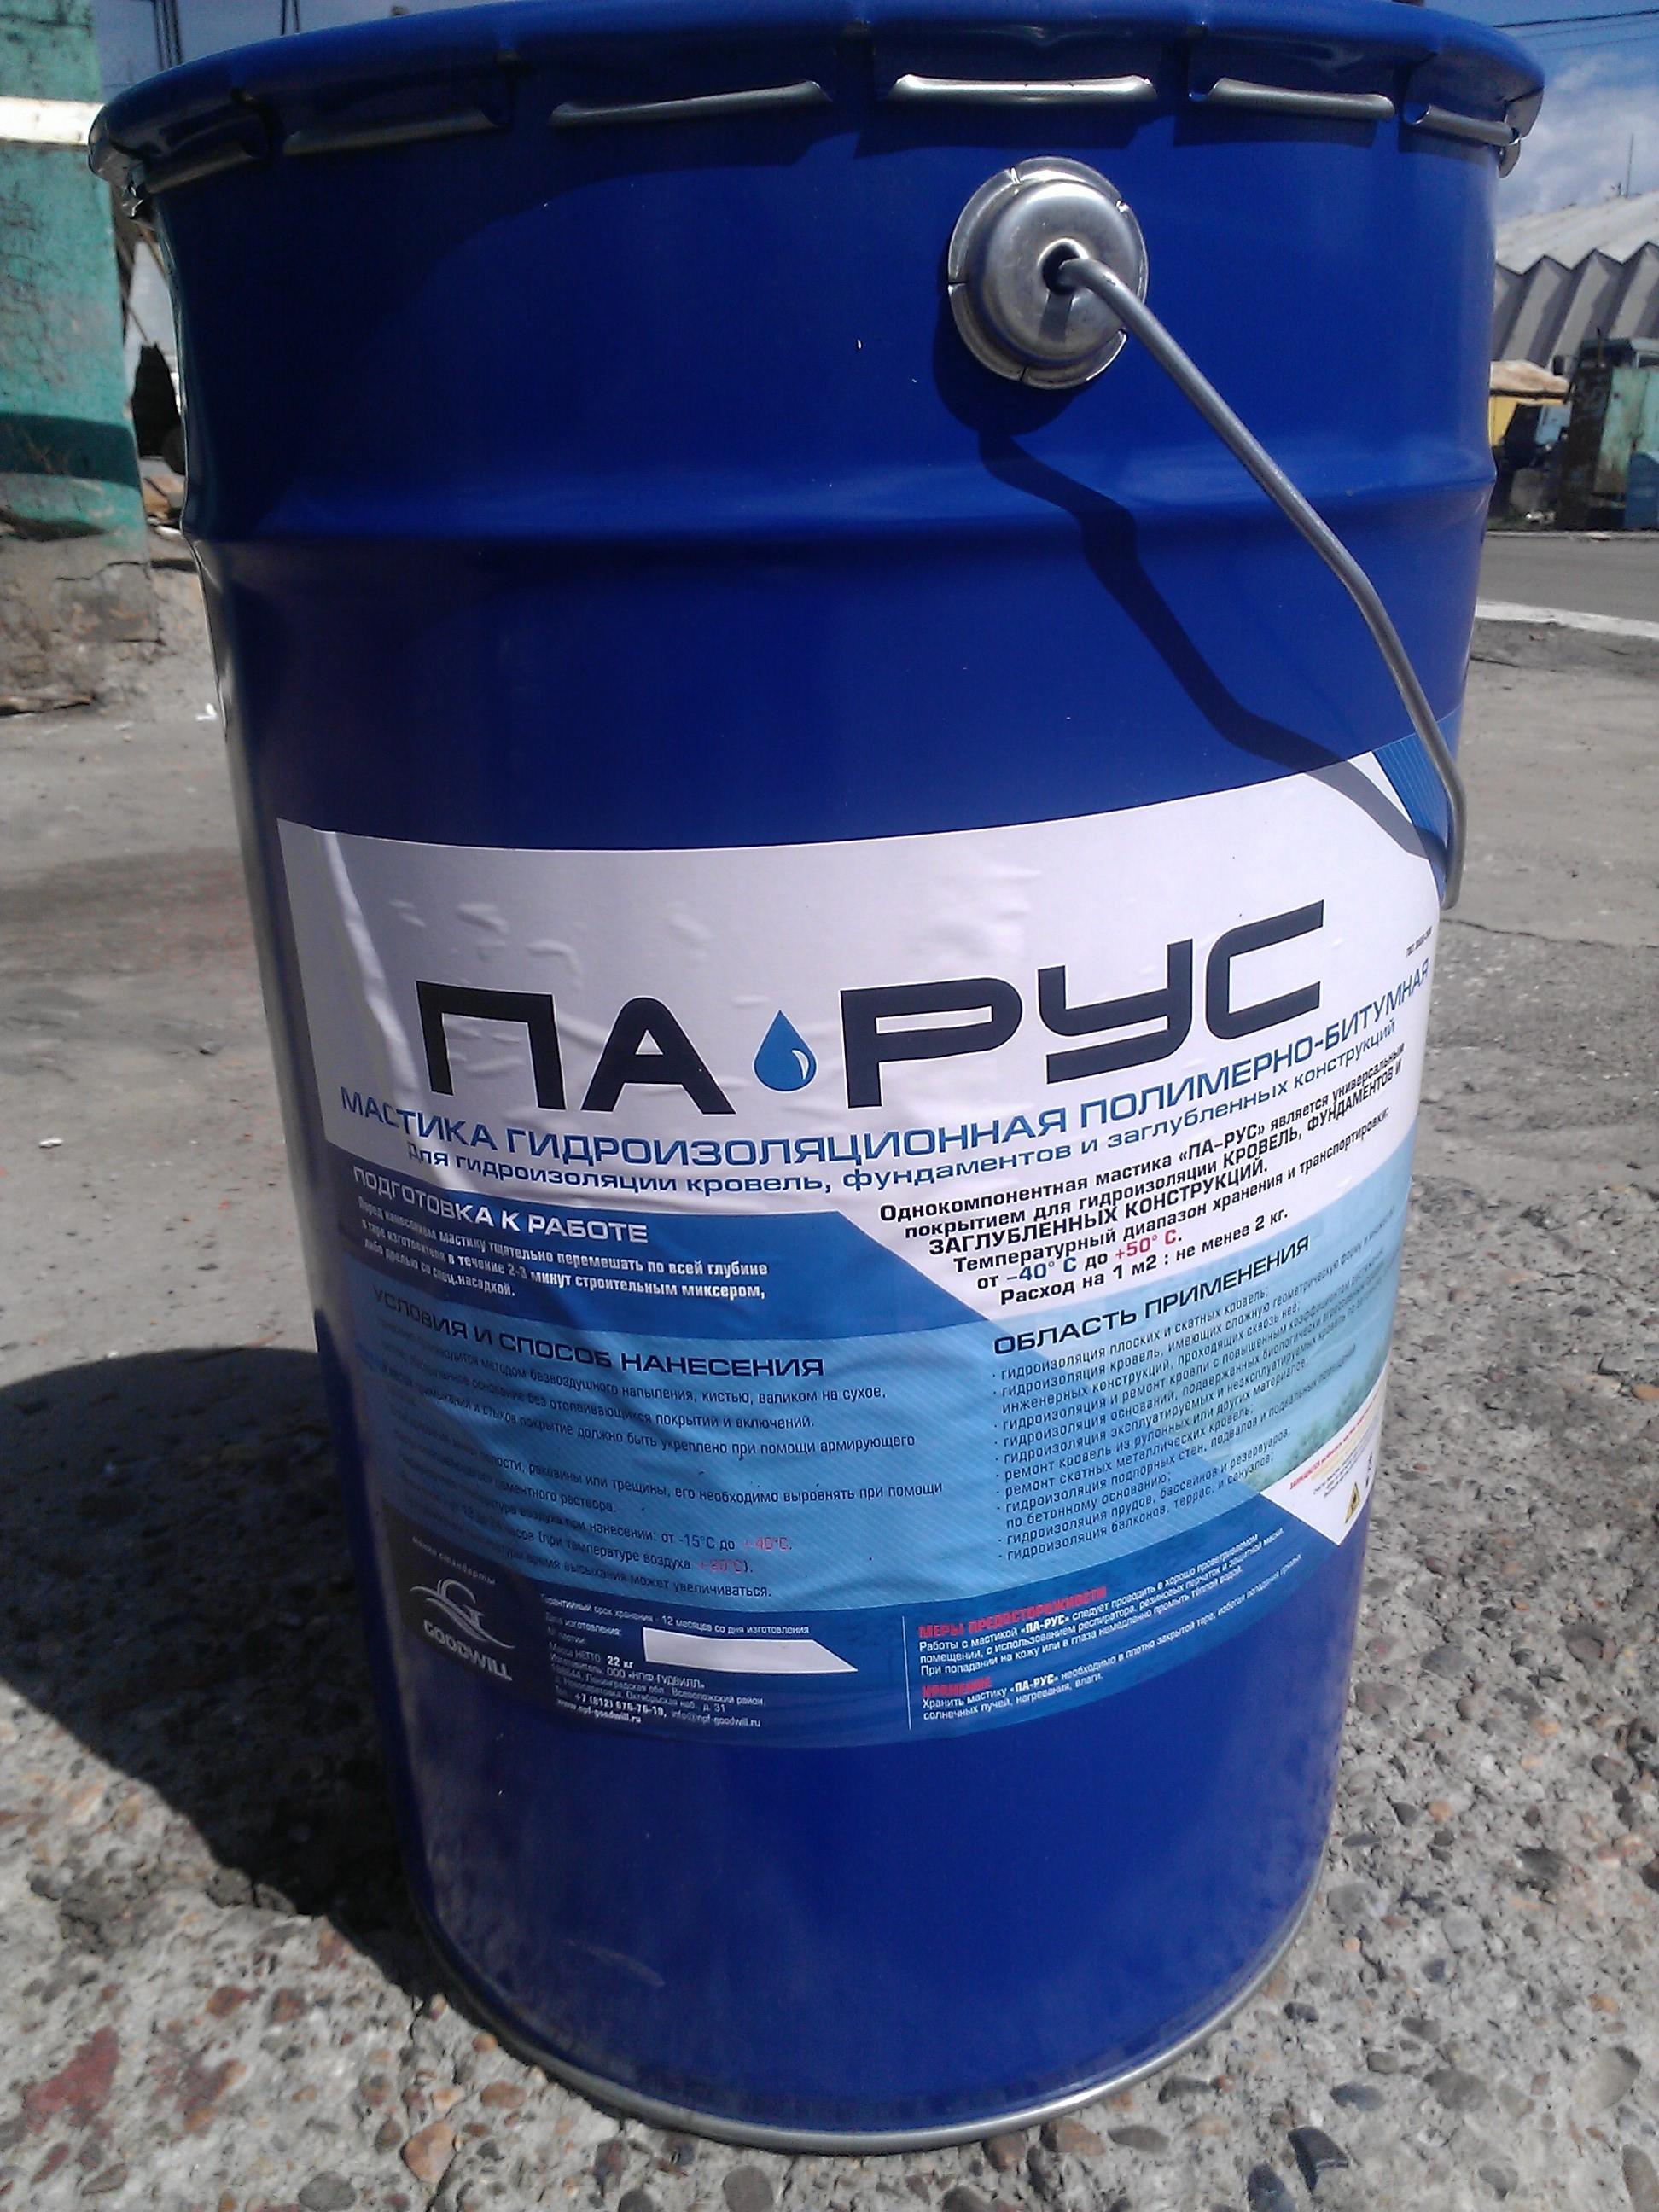 Мастика рапидфлекс в москве цены на наливной пол в нижнем новгороде